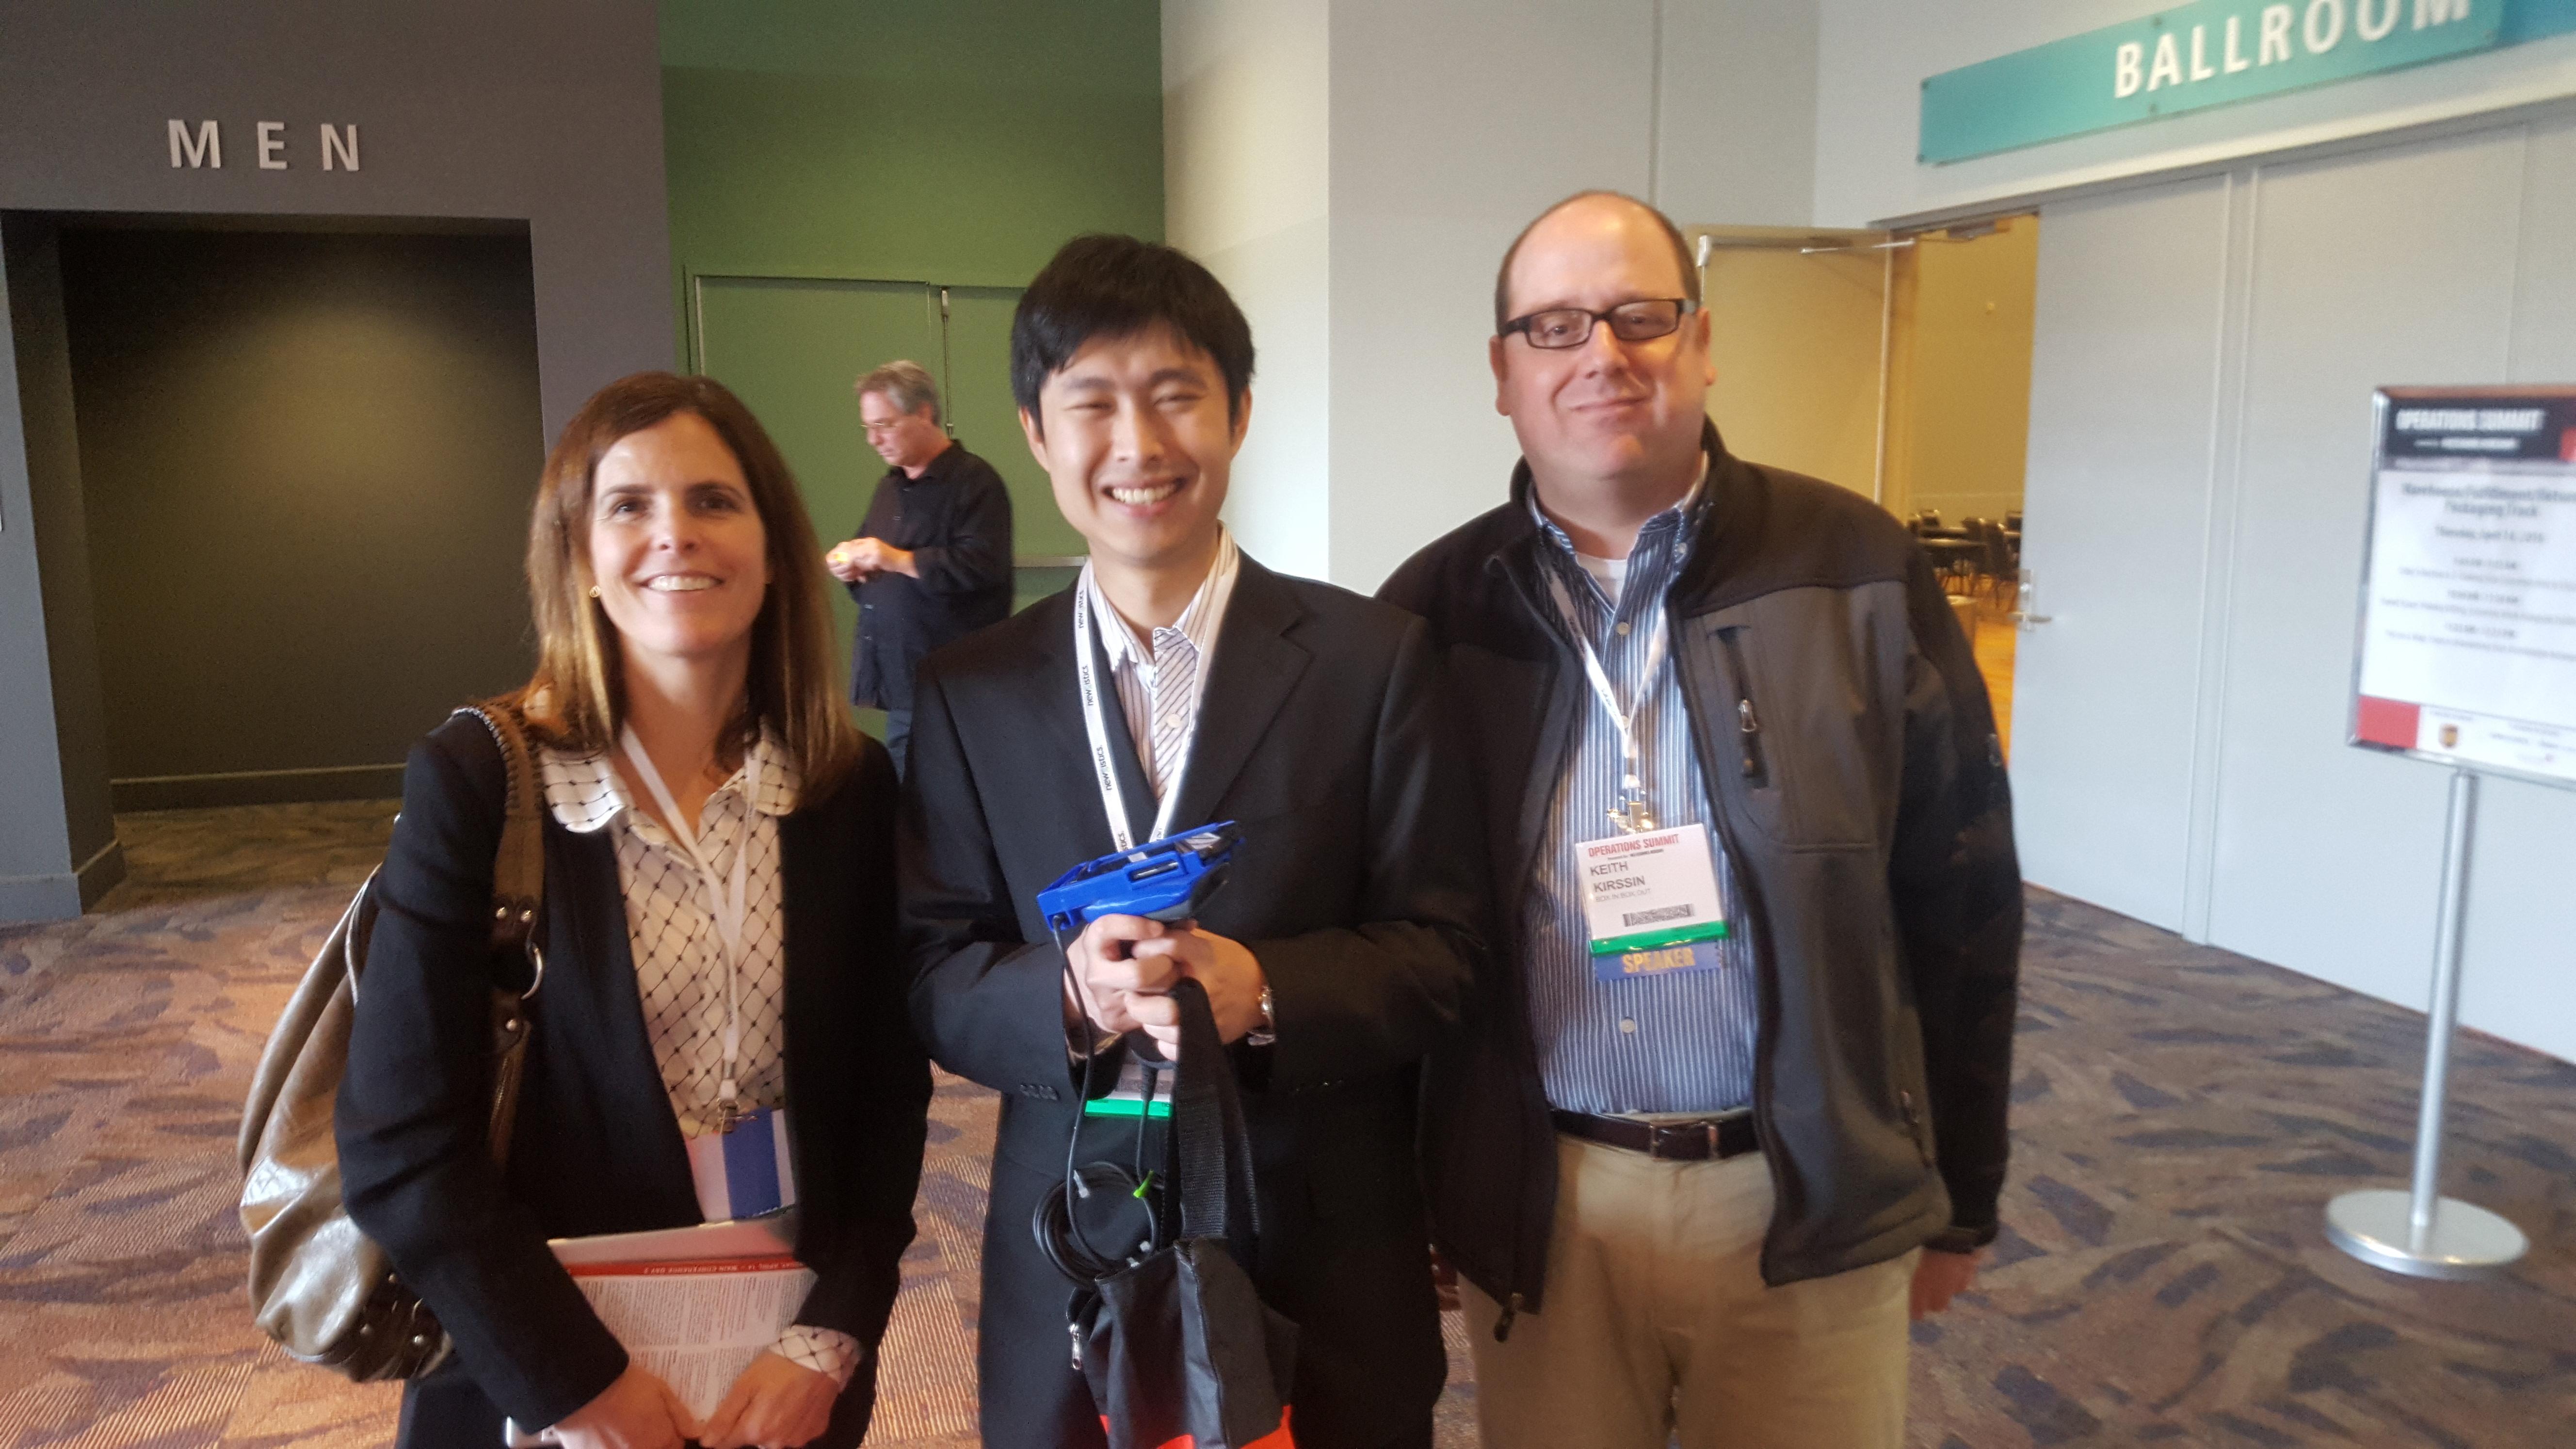 Panelists Ashley Kohnen, Shao Li, Keith Kirsson